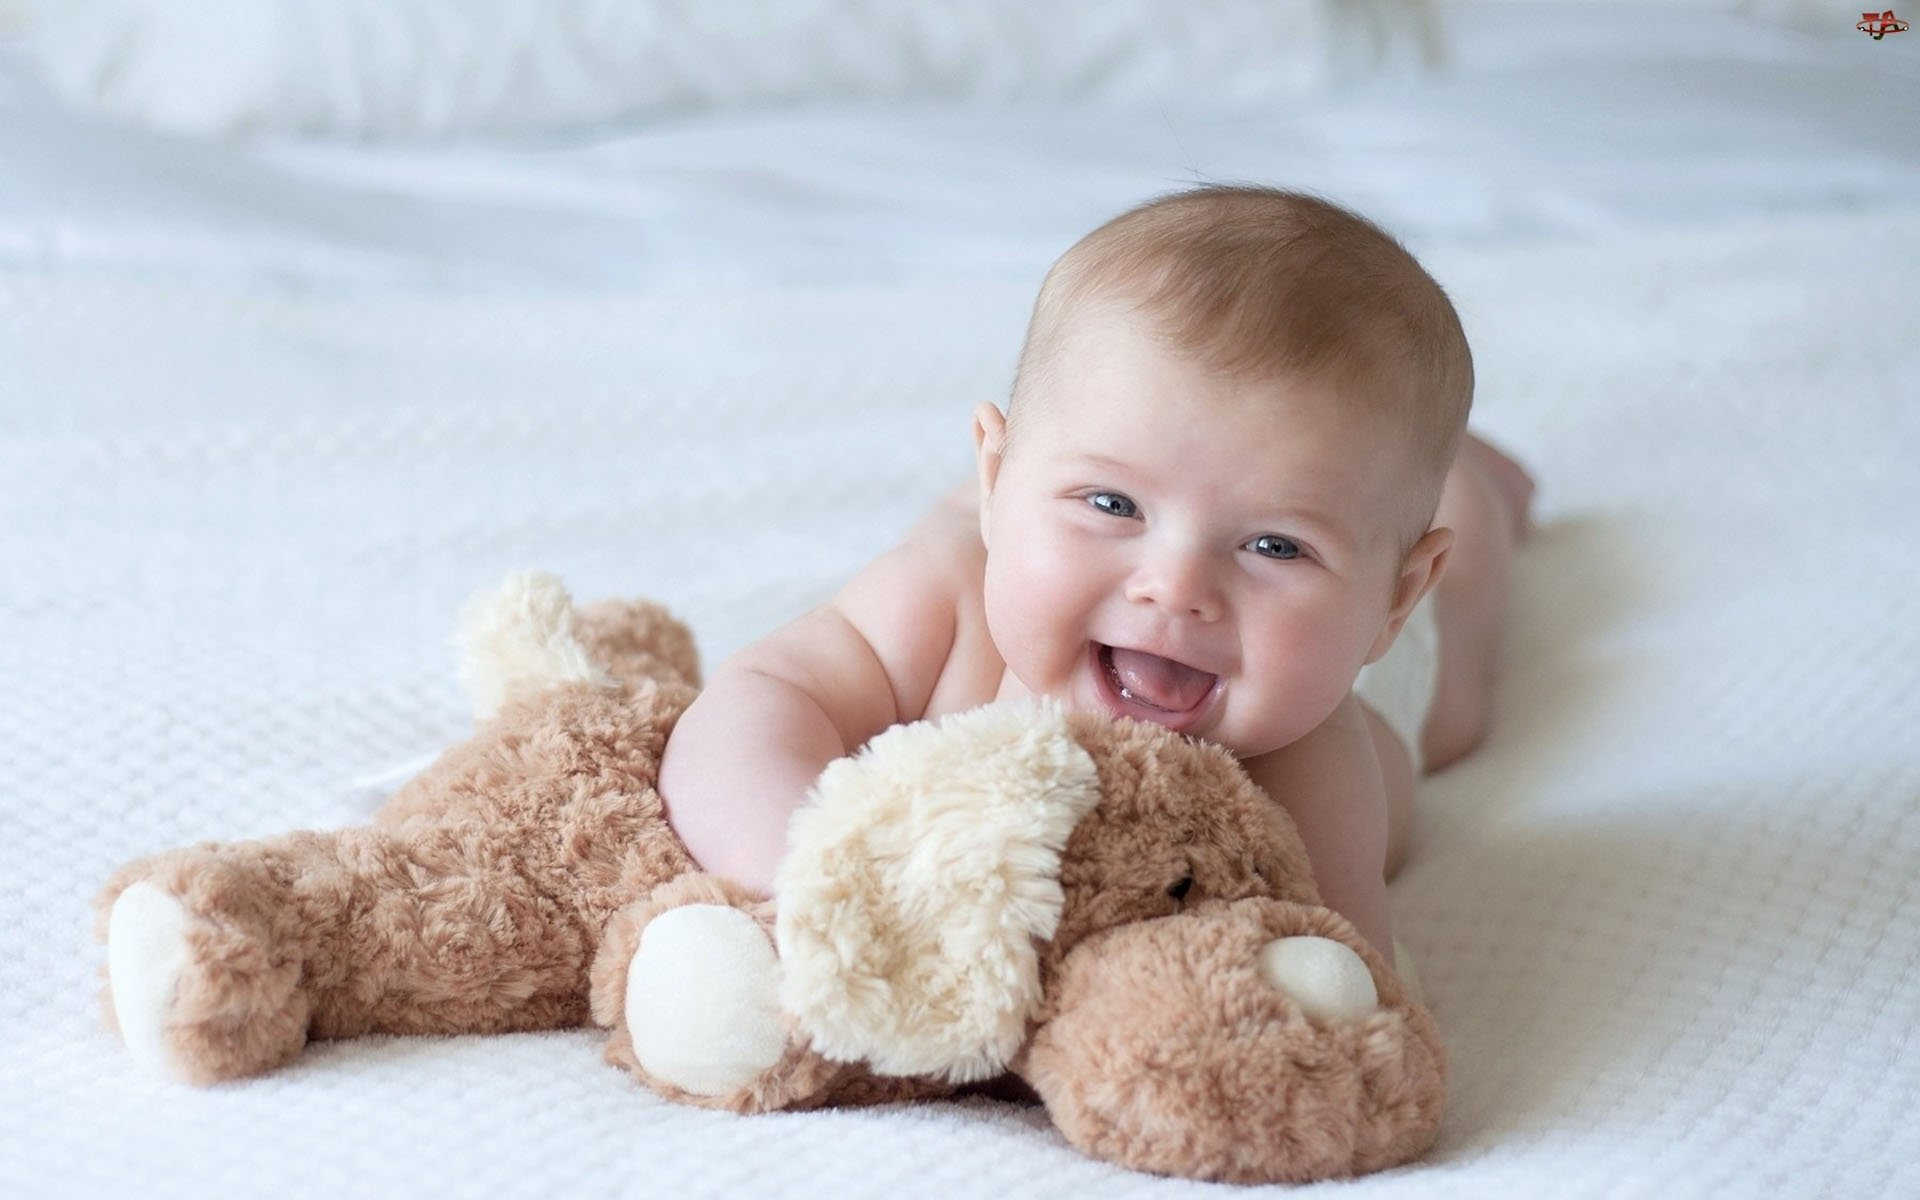 Baby Child Children Cute Little Babies Wallpaper 1920x1200